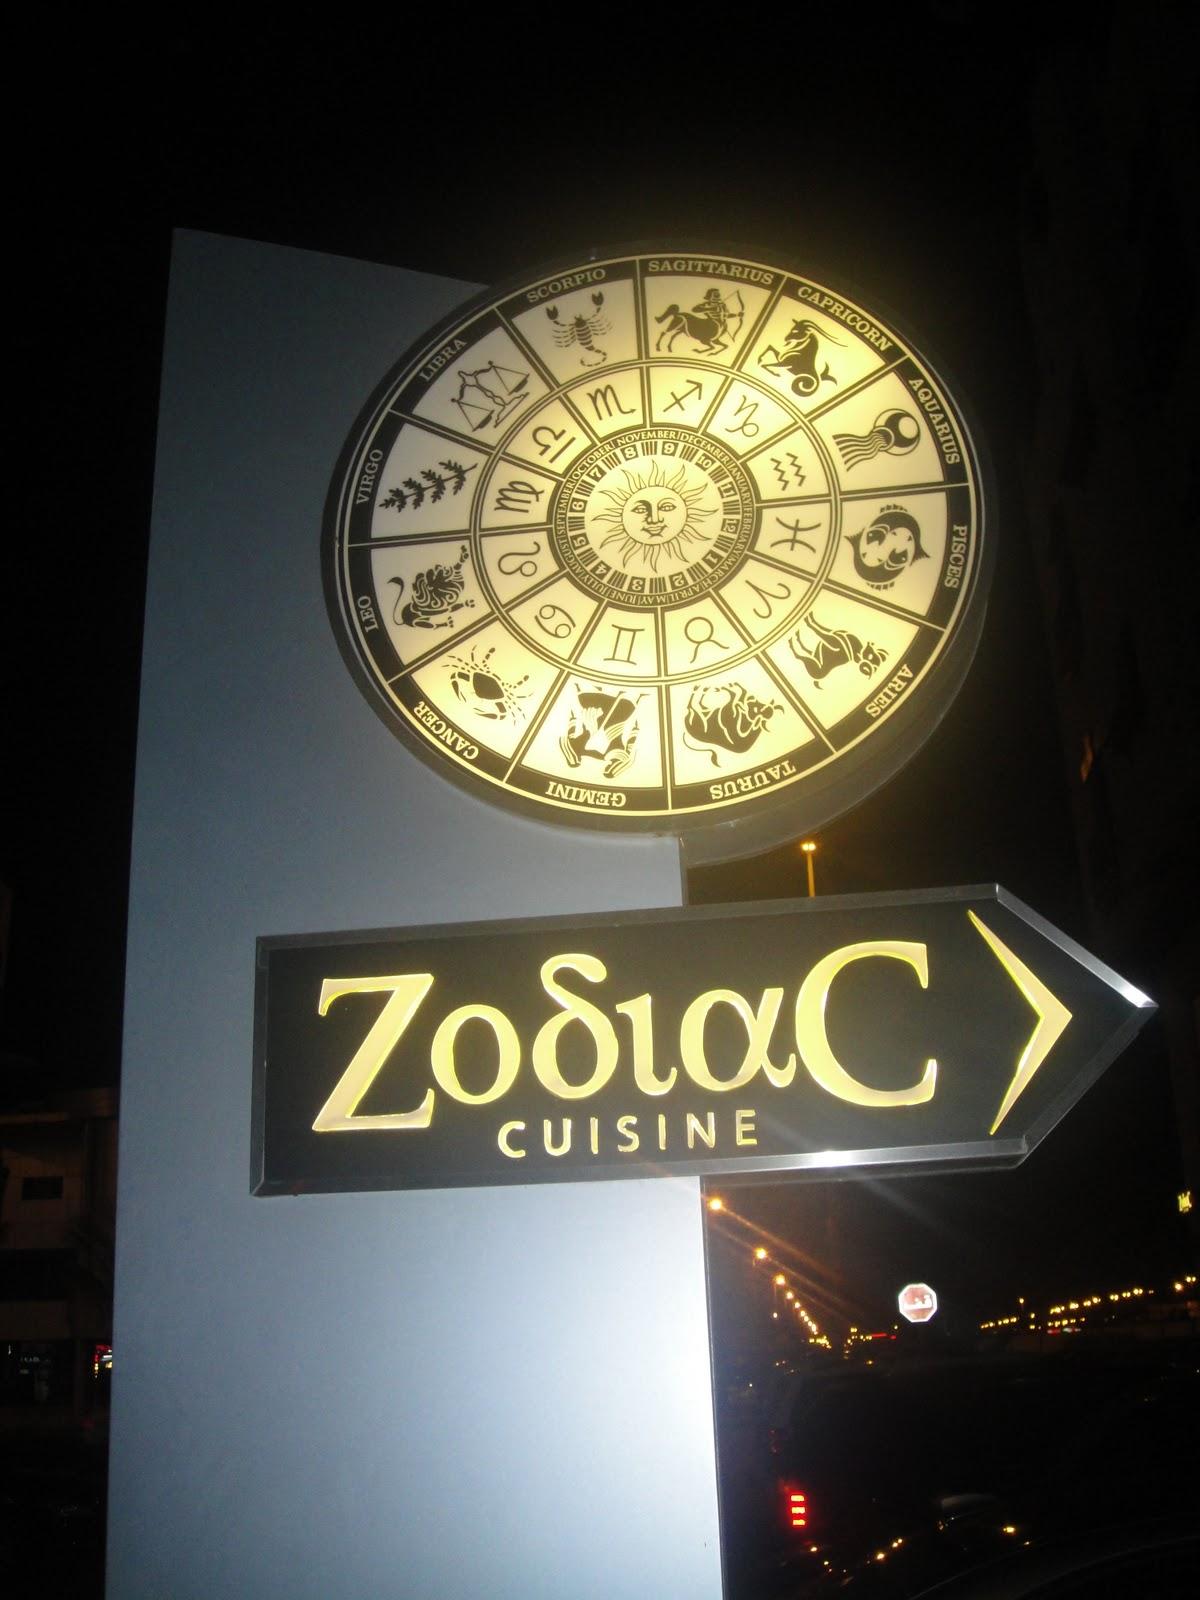 صورة مطعم وكوفي بجده خيال zodiac cuisine , زودياك كوزين اشهر المطاعم فى مدينة جده